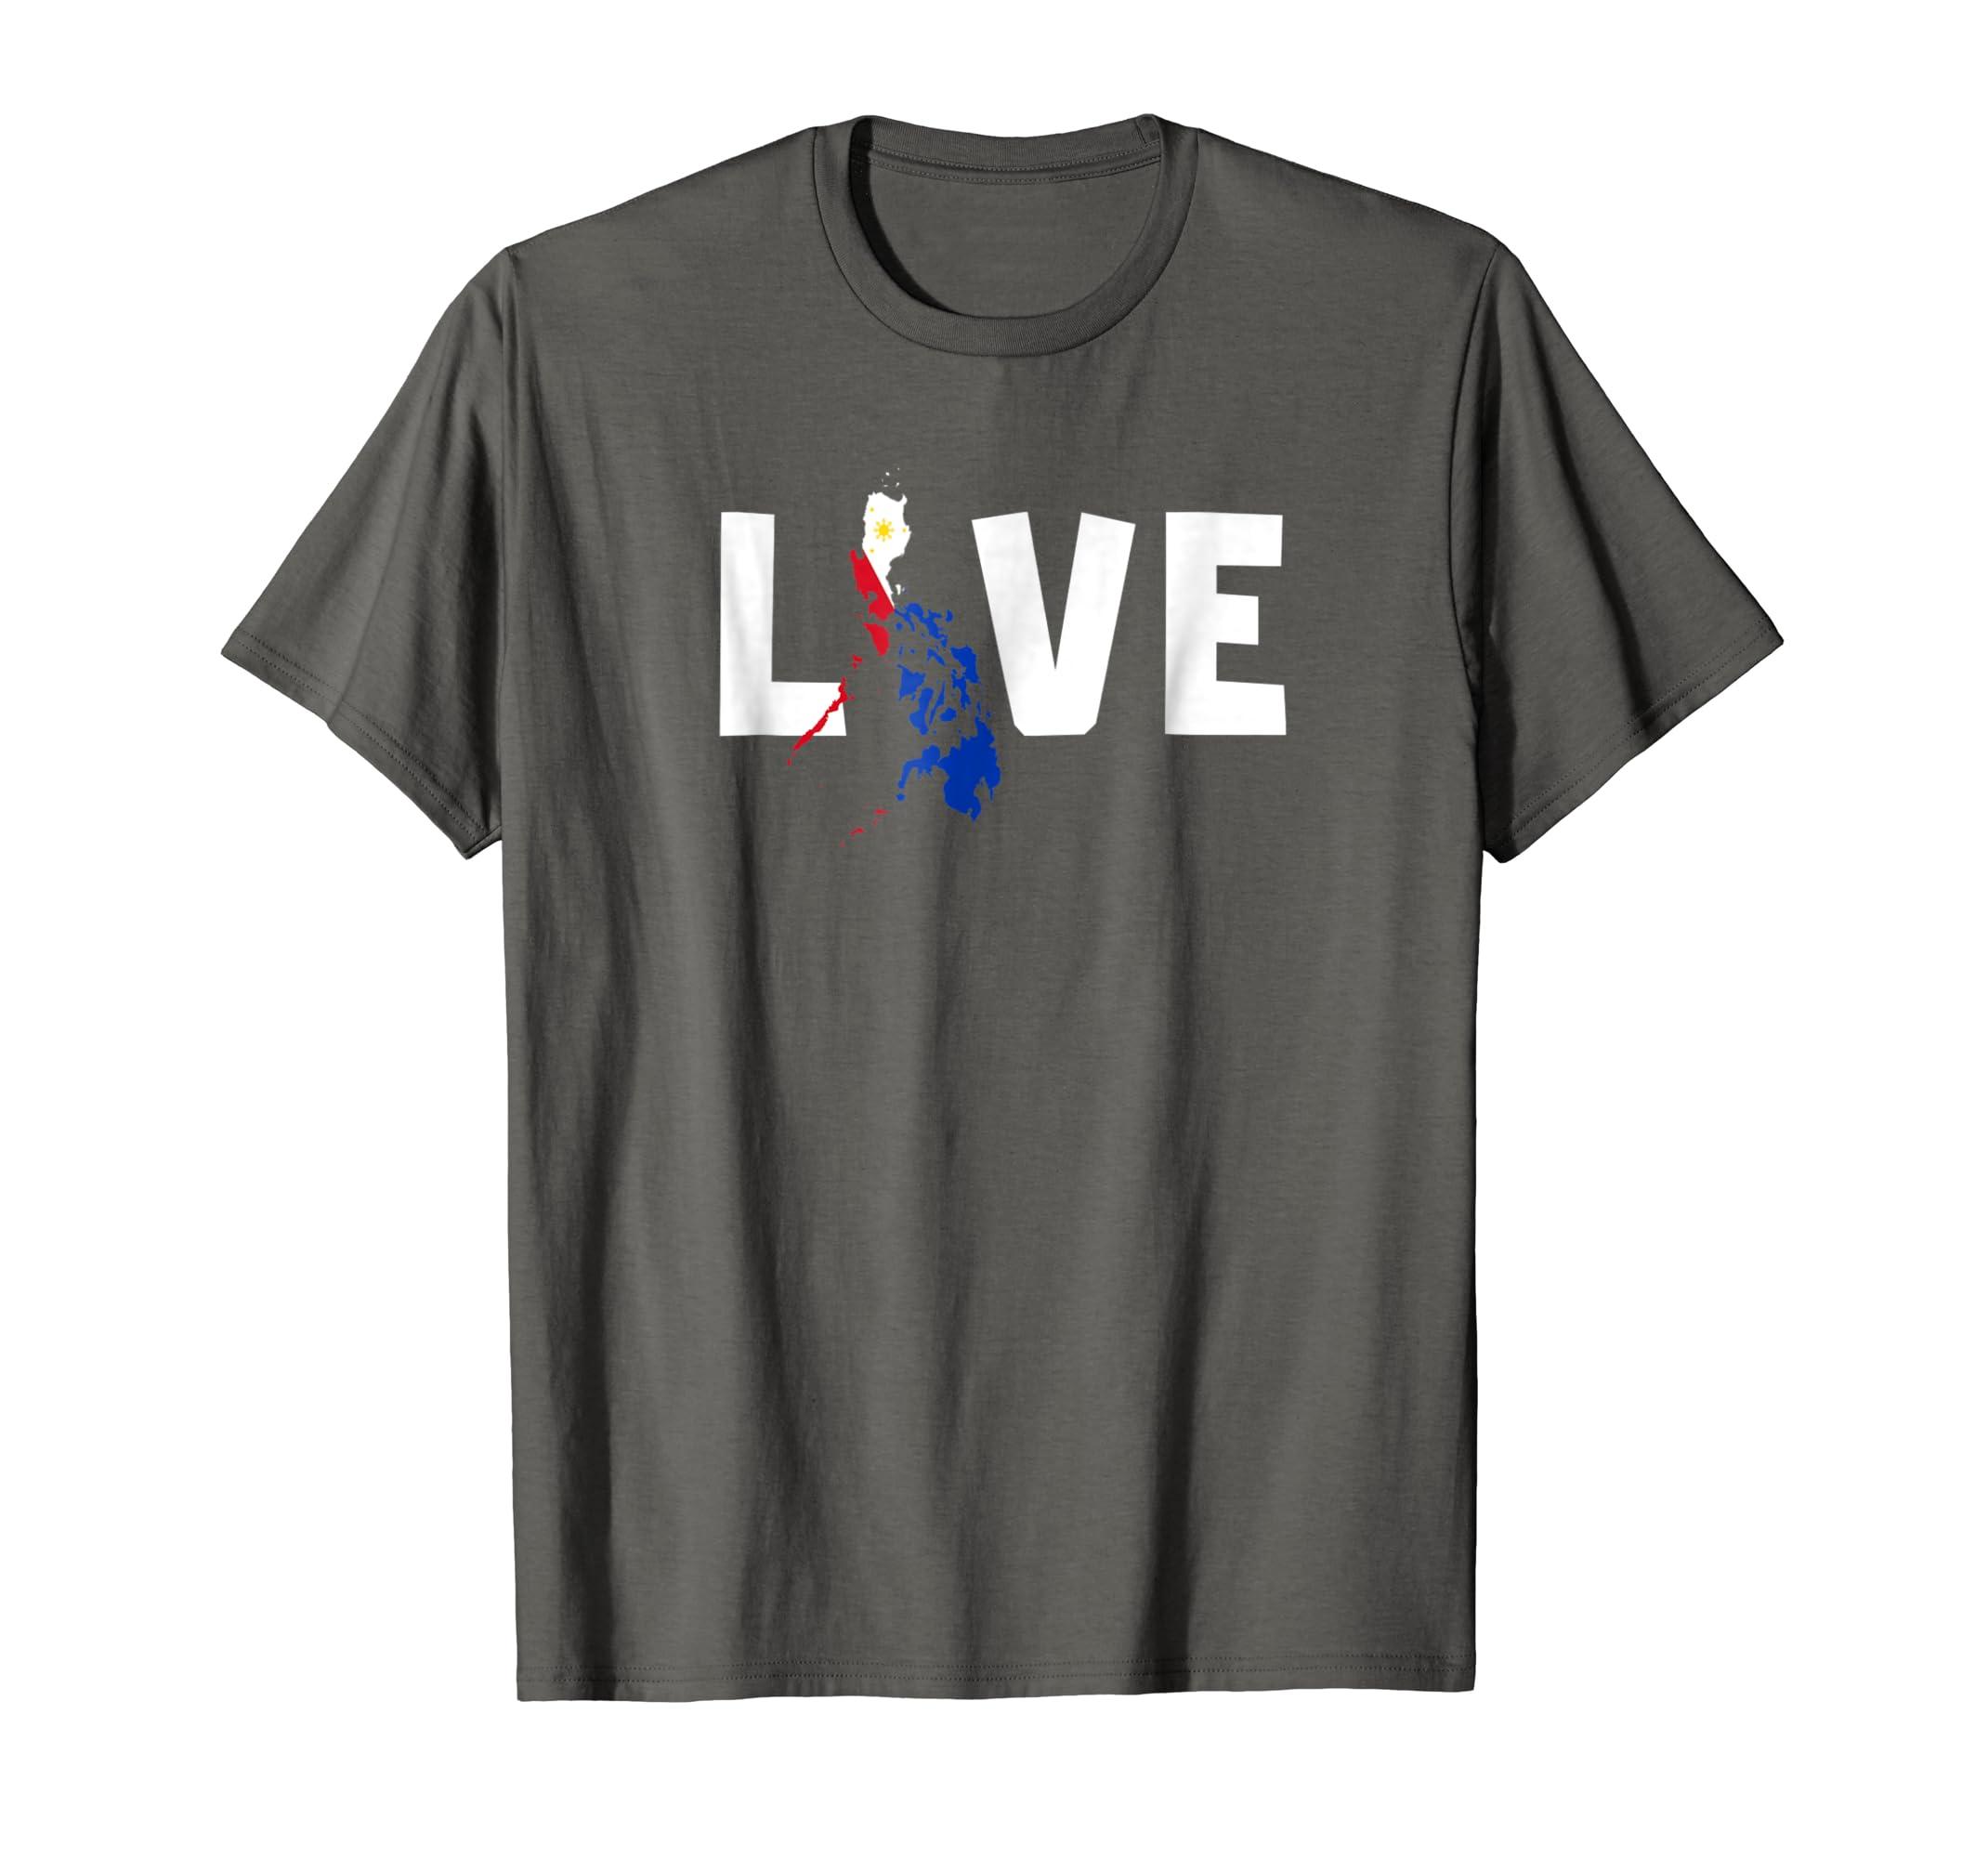 c9e6794c3efb1 Amazon.com  International Adoption Shirt Philippines Map Flag Love  Clothing